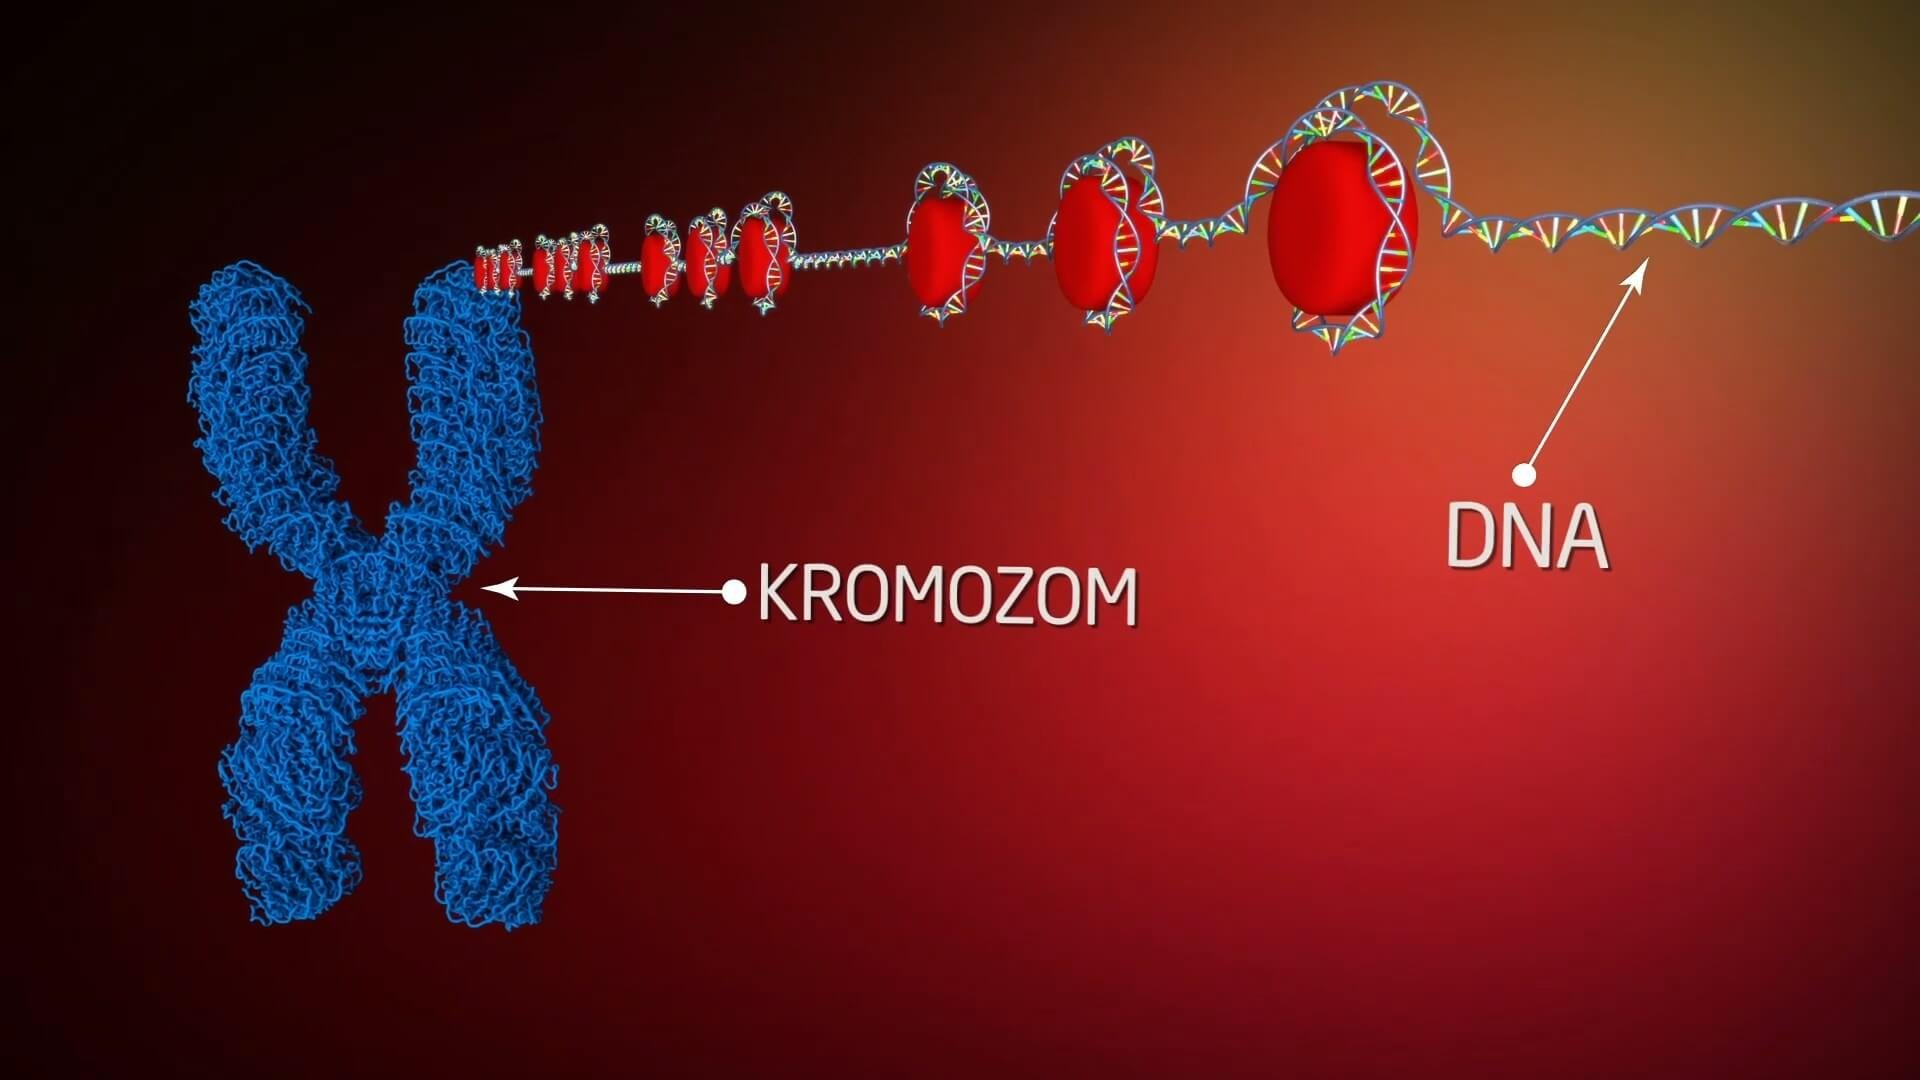 Proteindeki Yazılım İnsanoğlunun Maddesel Yapısı Belgesel Animasyon Film 11 1920x1080 - Proteindeki Yazılım, İnsanoğlunun Maddesel Yapısıyla İlgili Keşifleri